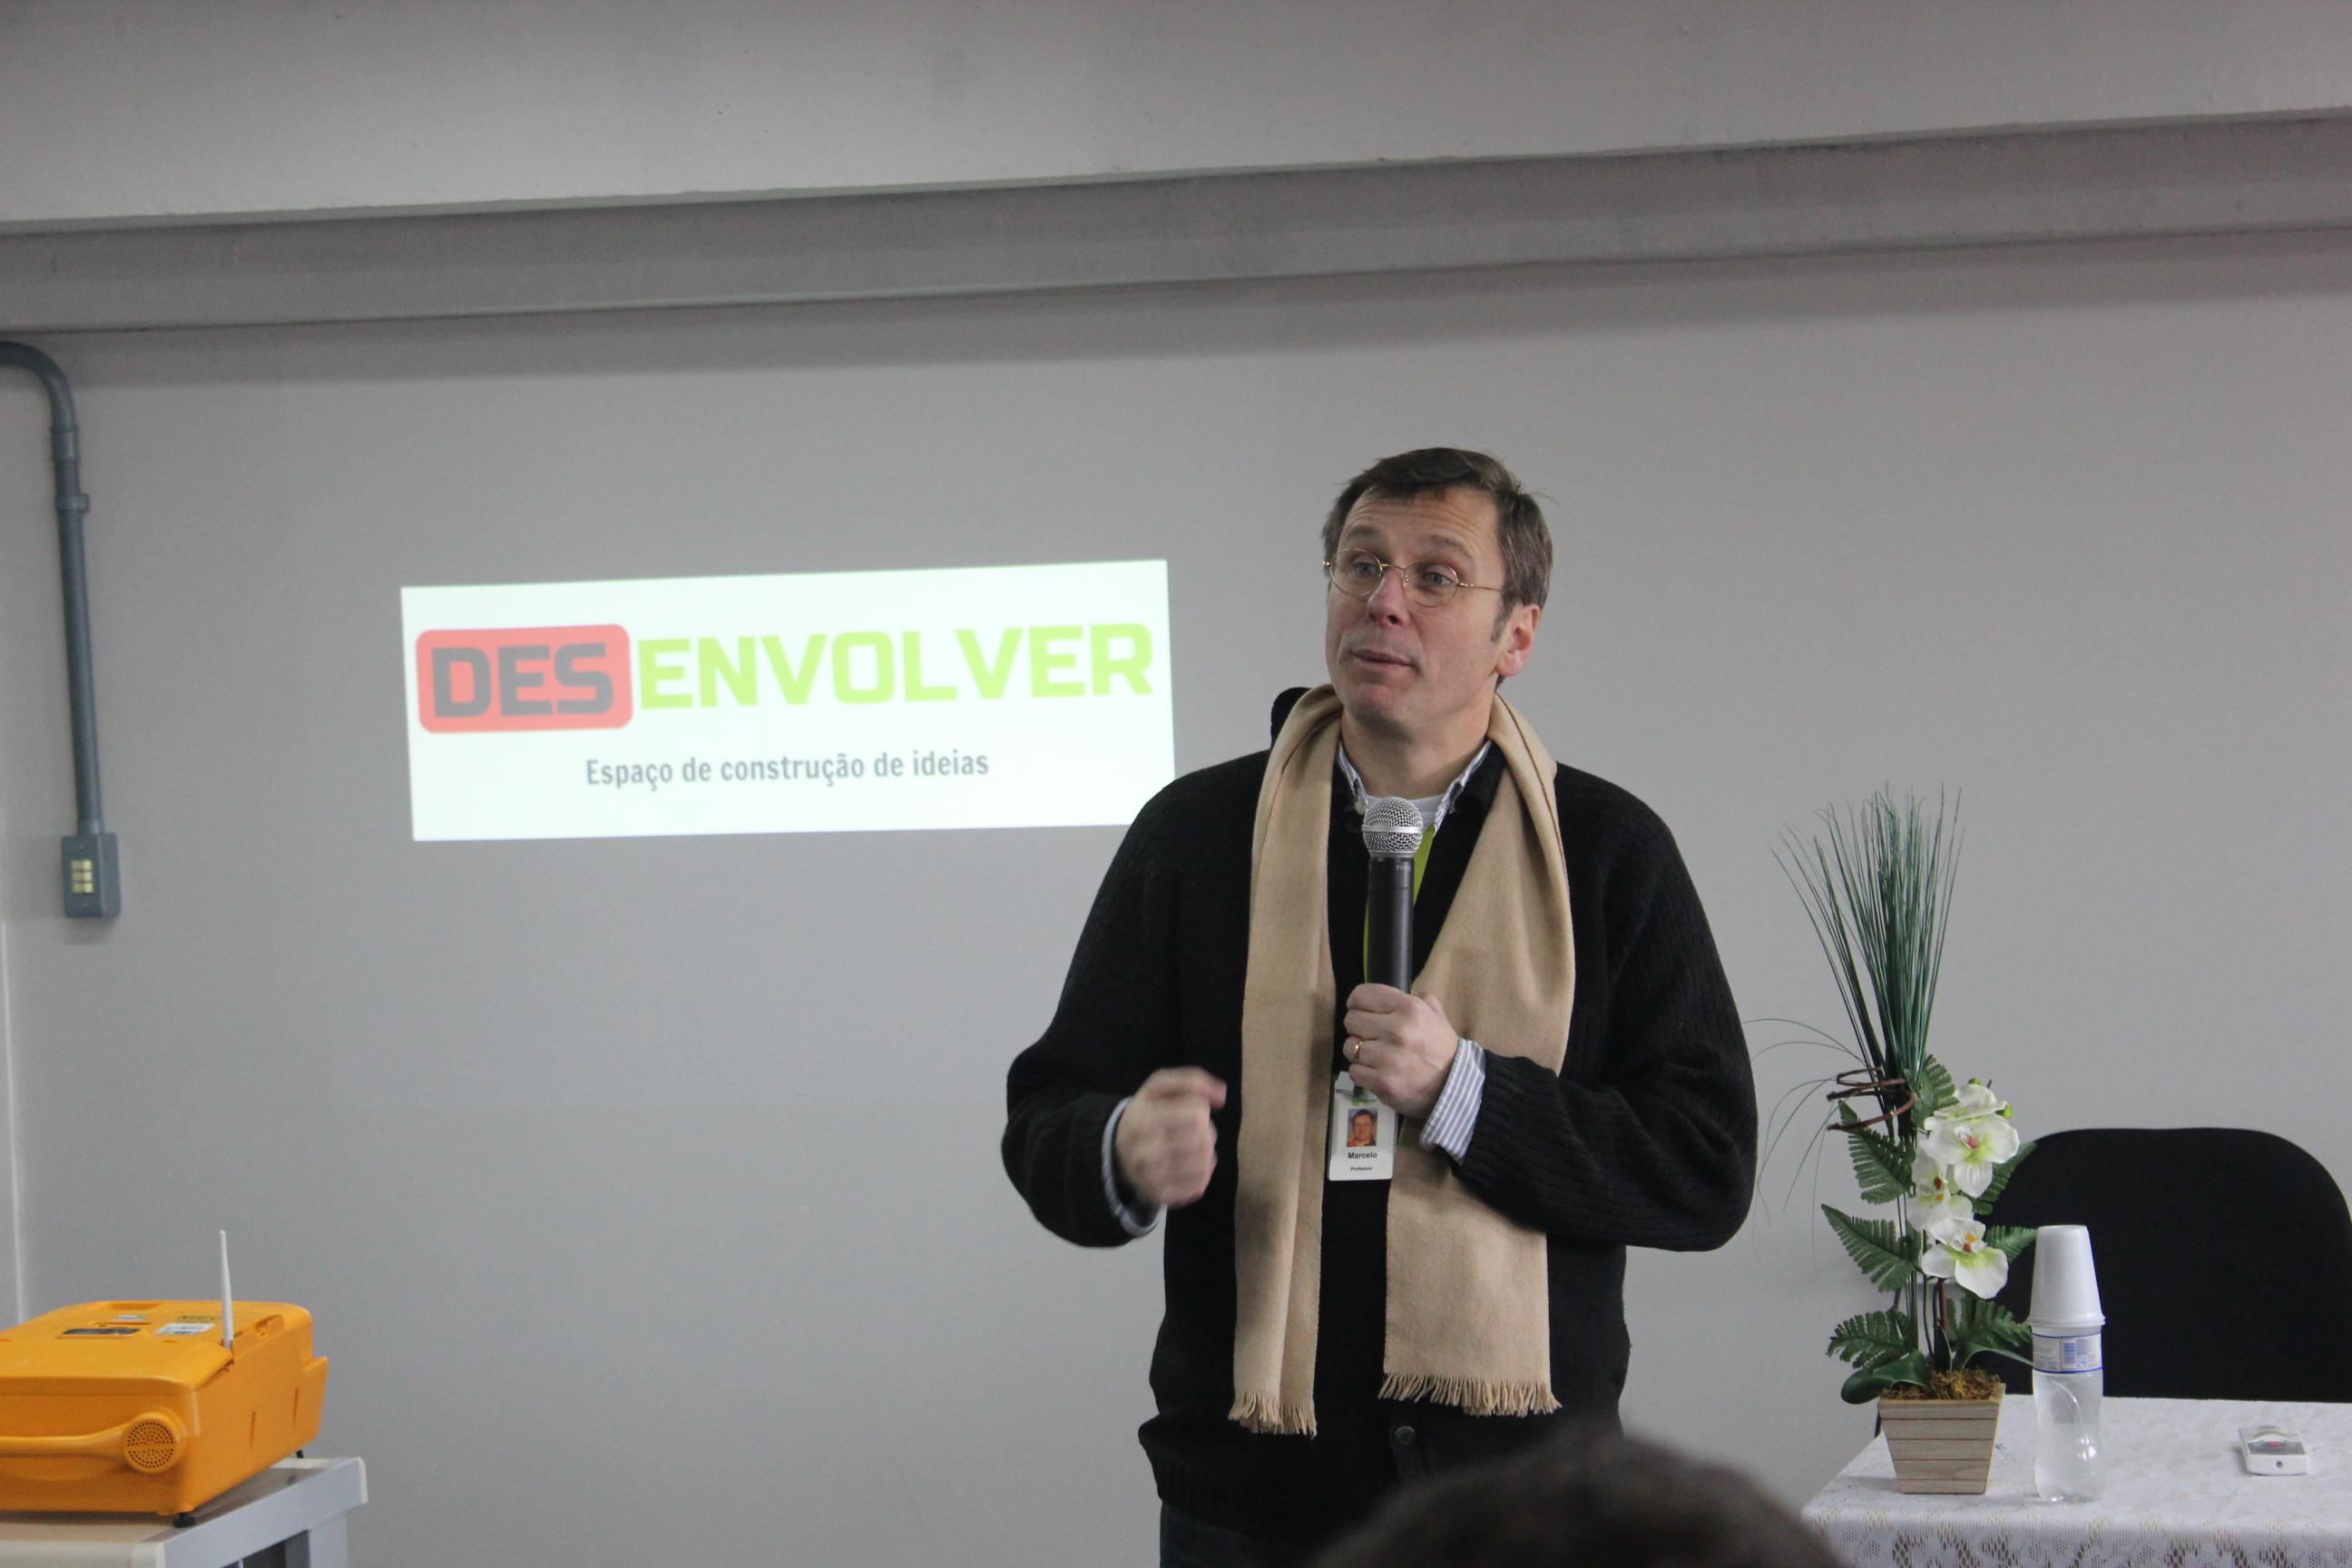 Abertura do evento realizada pelo diretor-geral do campus, Marcelo Schmitt